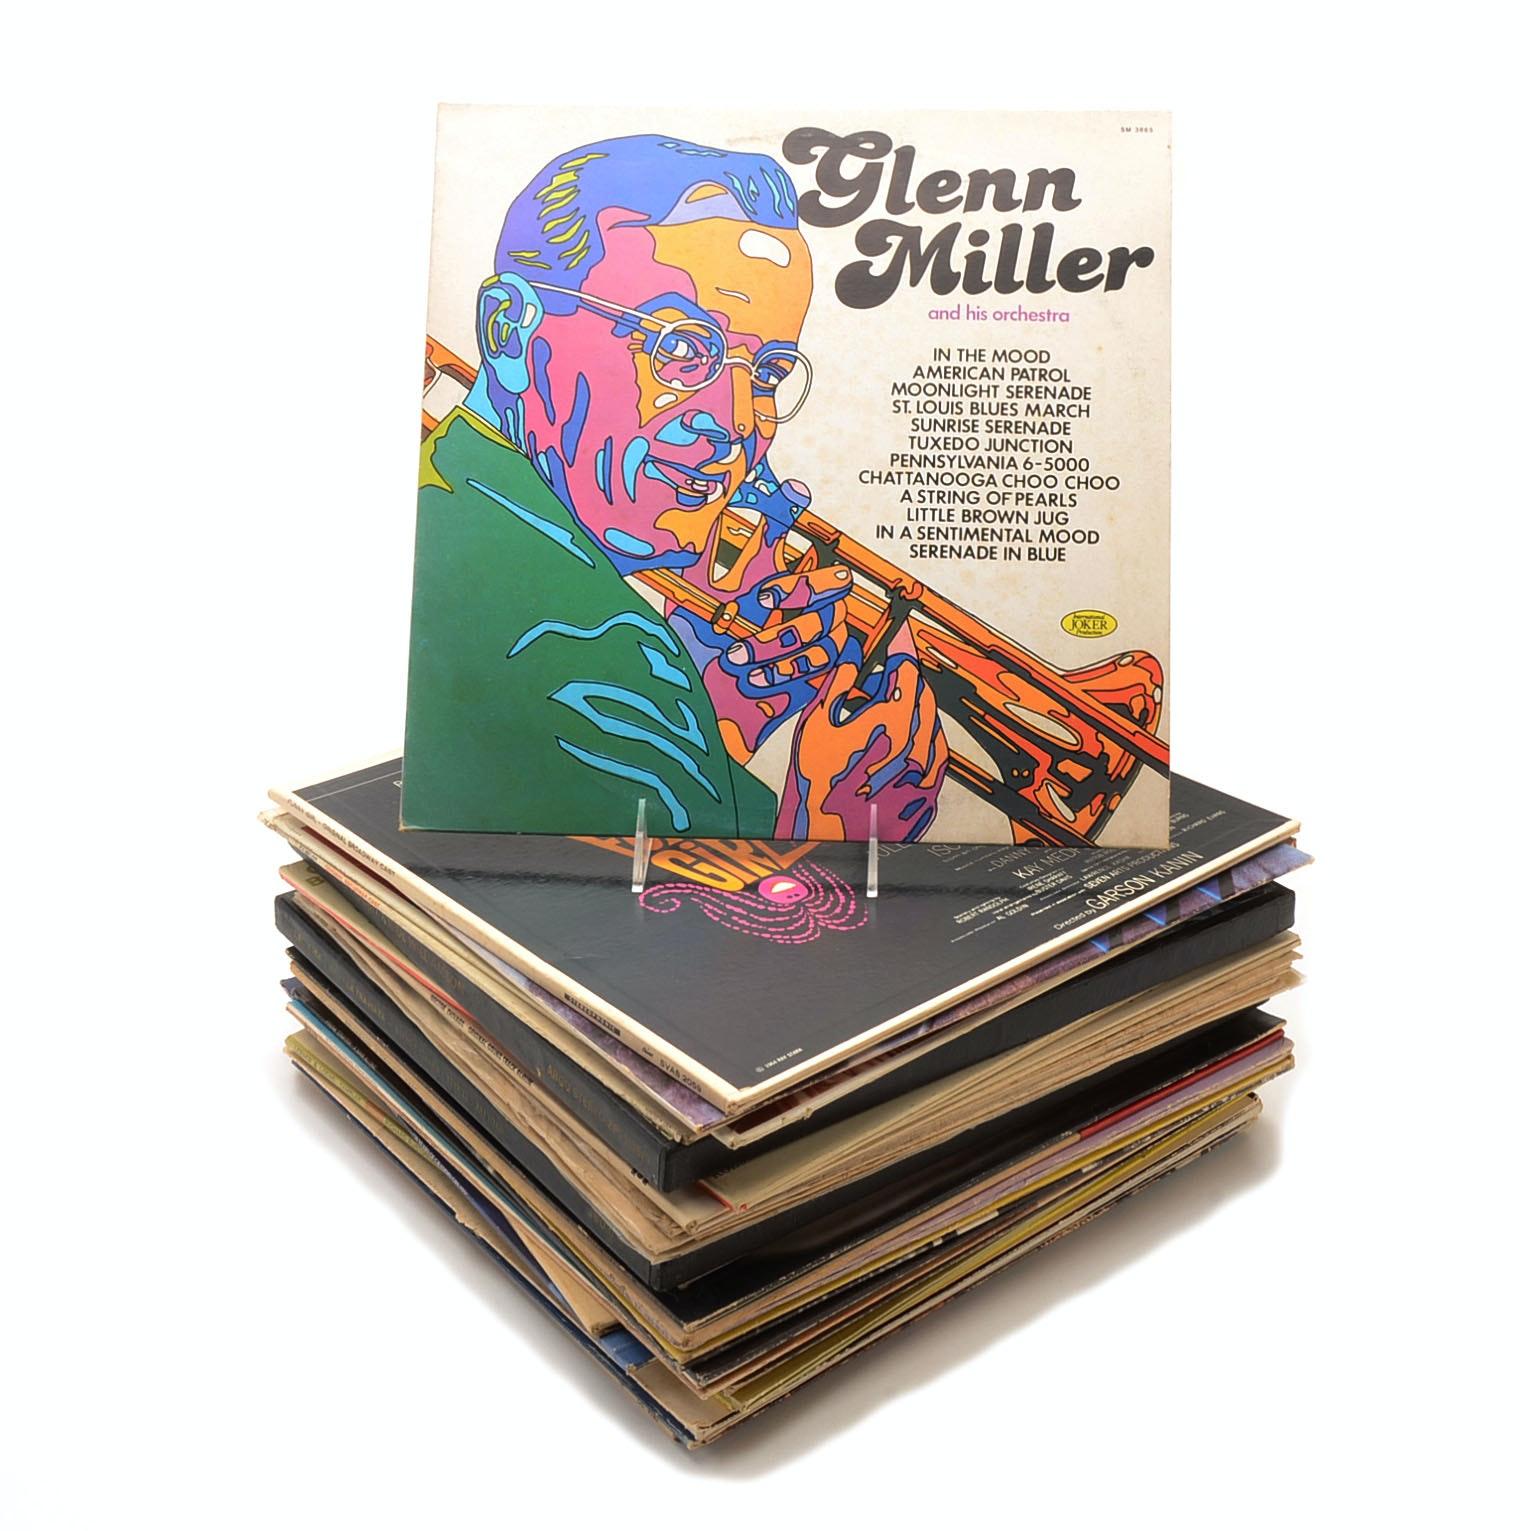 """""""Hobbit,"""" Sinatra, Glenn Miller and Other Vintage LPs"""